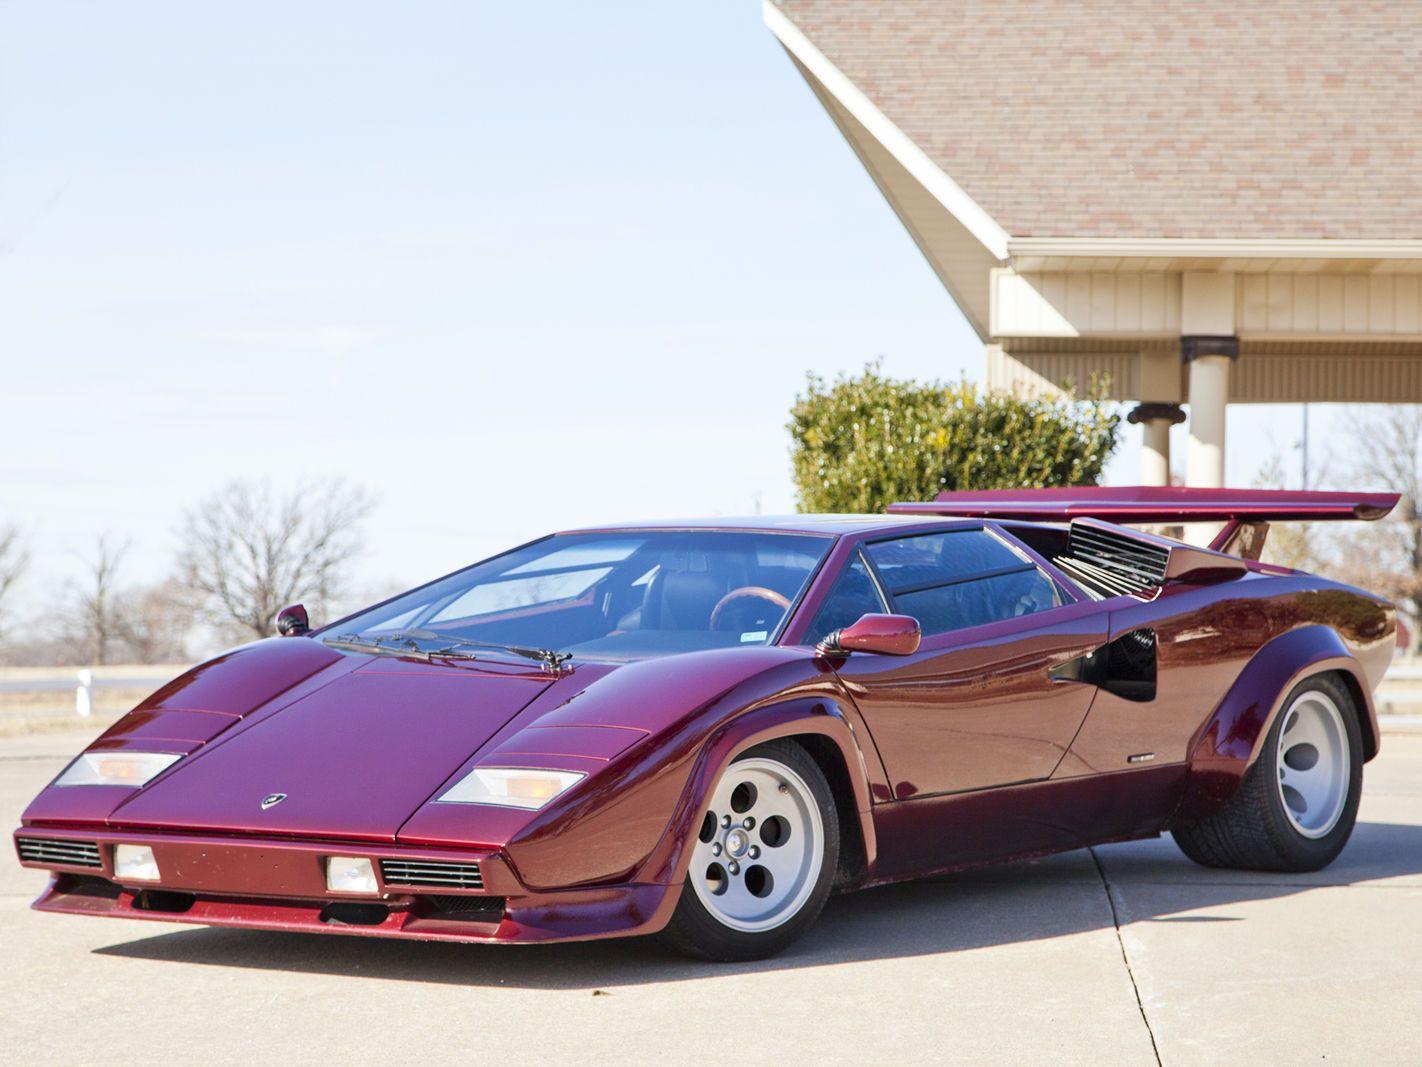 Lamborghini : Countach LP 400S   Lamborghini gallardo. Lamborghini cars. Luxury cars